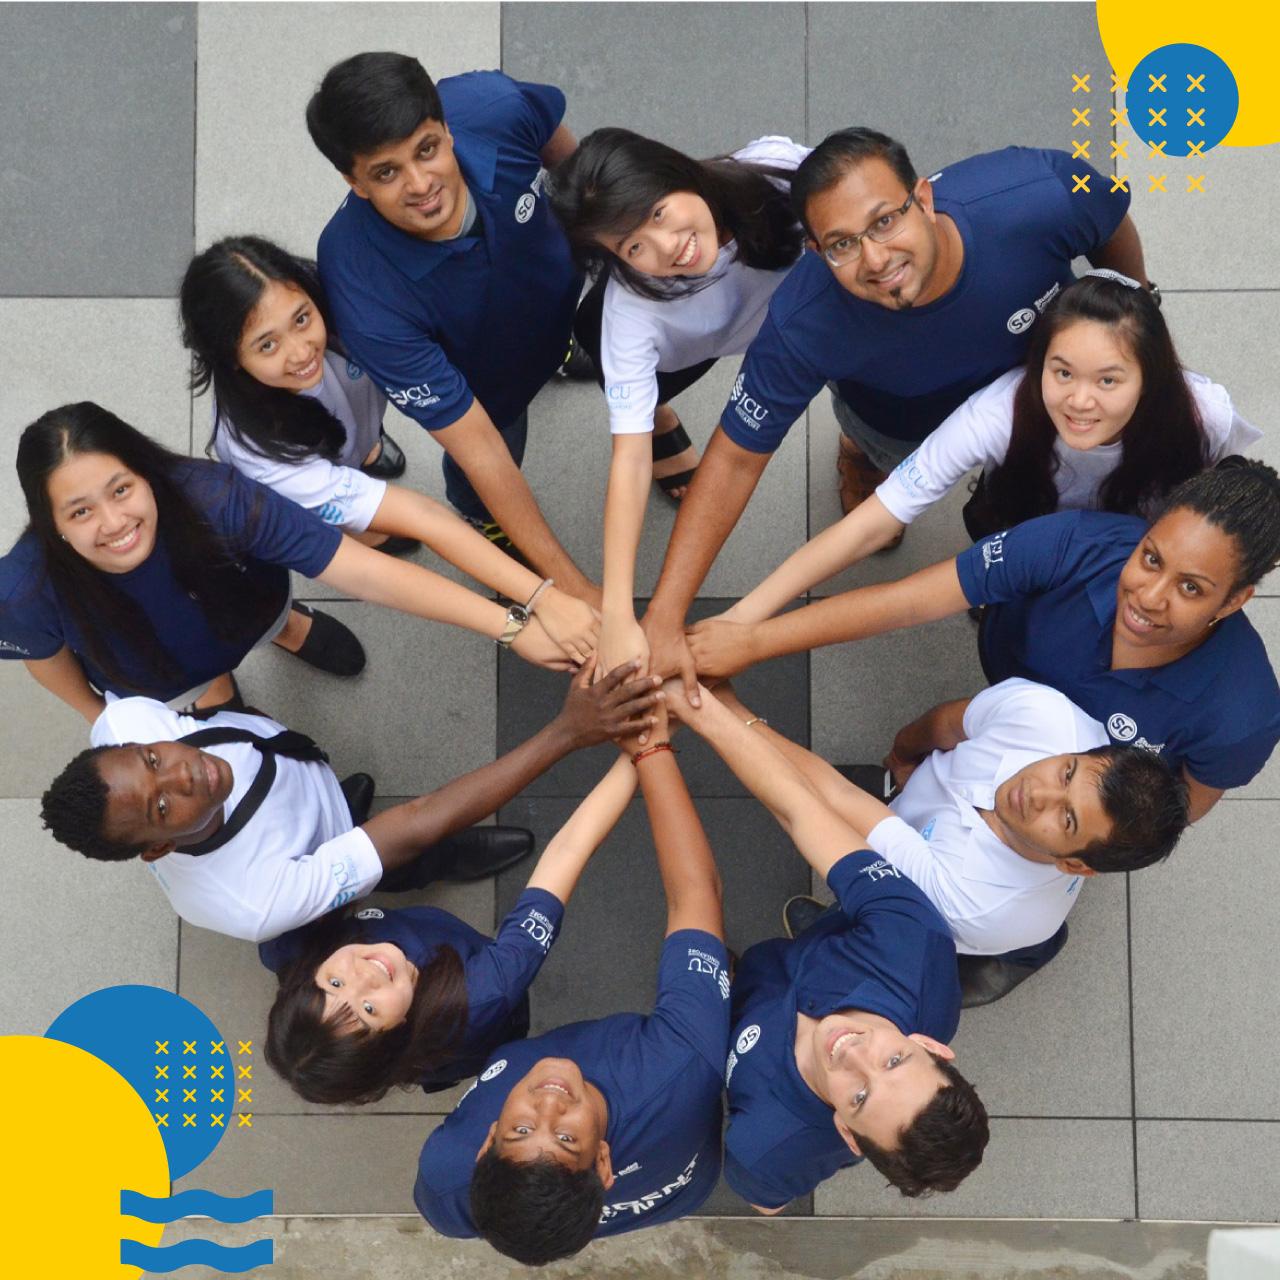 Sinh viên JCU Singapore được thụ hưởng nền giáo dục chuẩn Úc trong khi trải nghiệm môi trường sống năng động tại Singapore